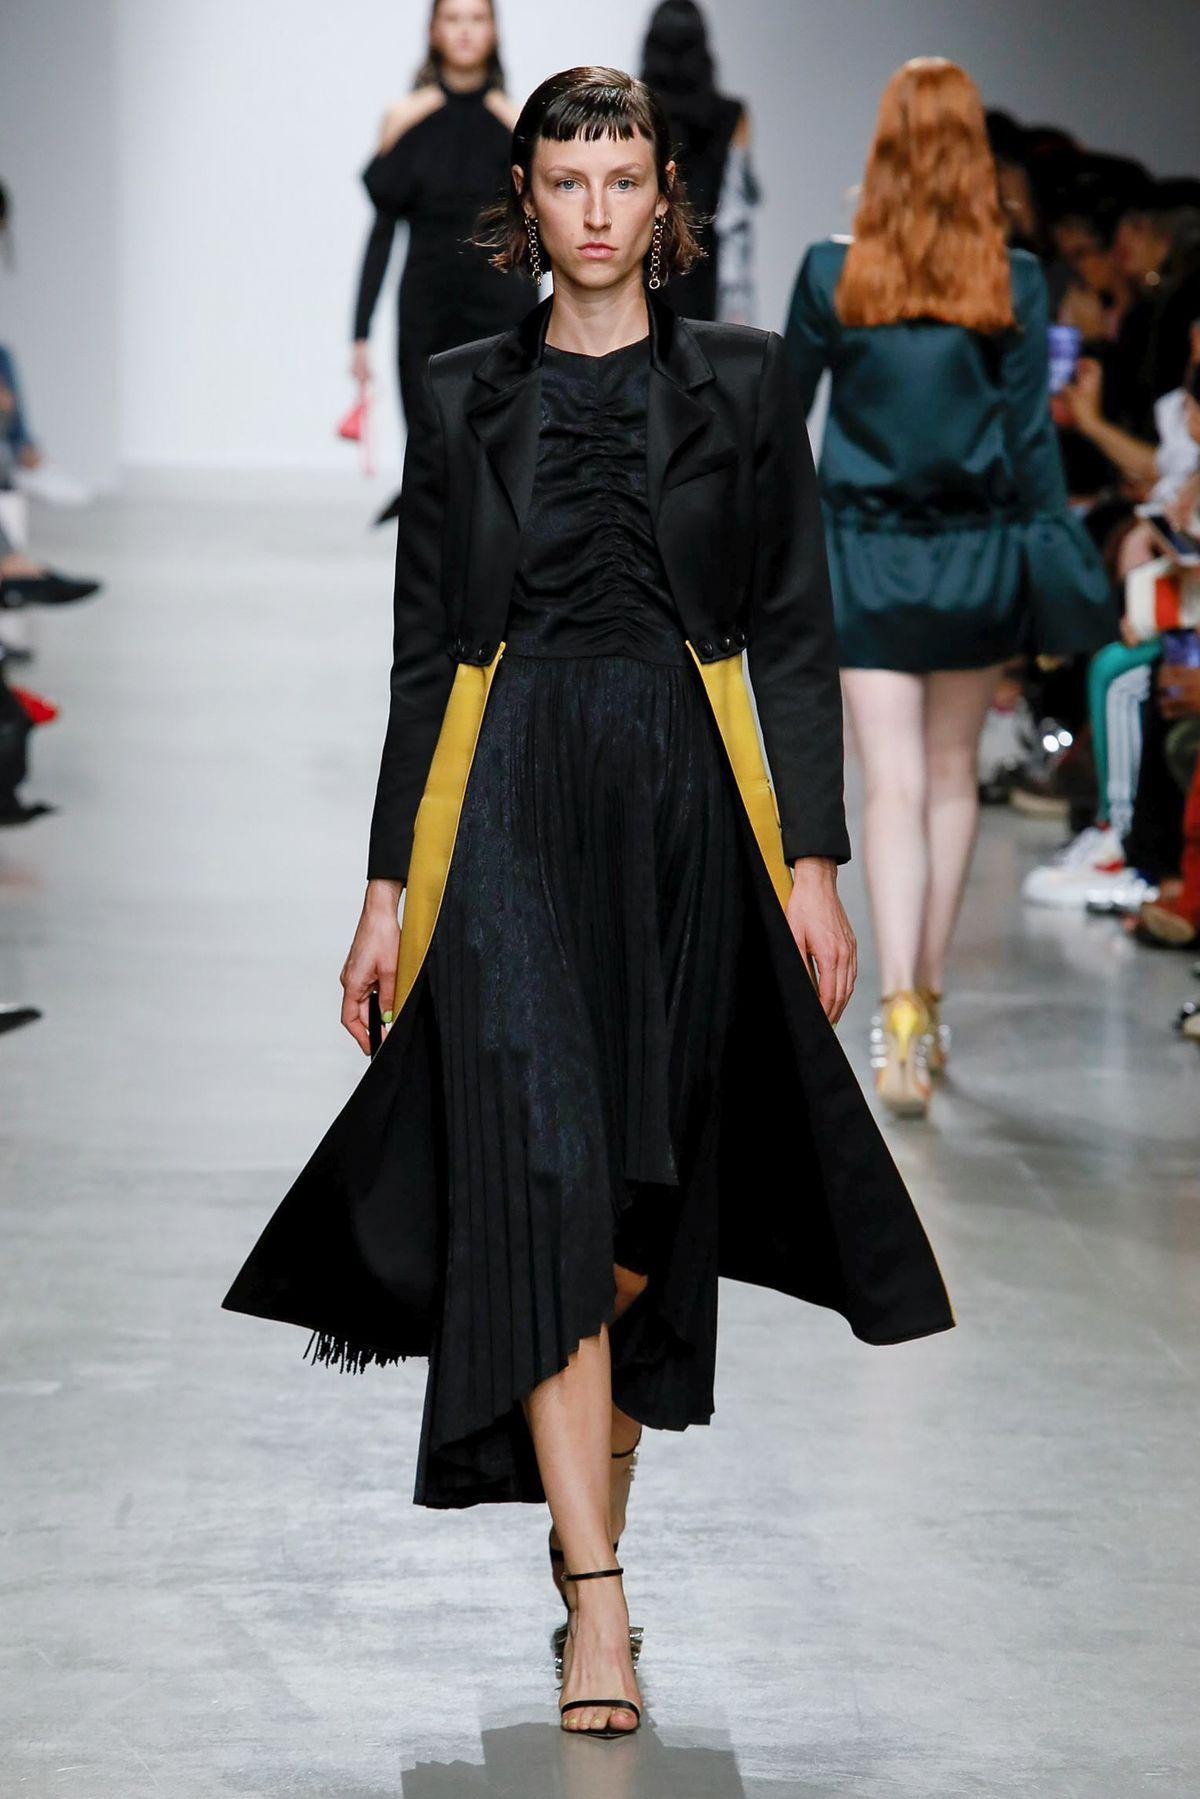 la-boite-d-allumettes-paris-fashion-week-liu-chao-designer-credit-gio-staiano-now-fashion